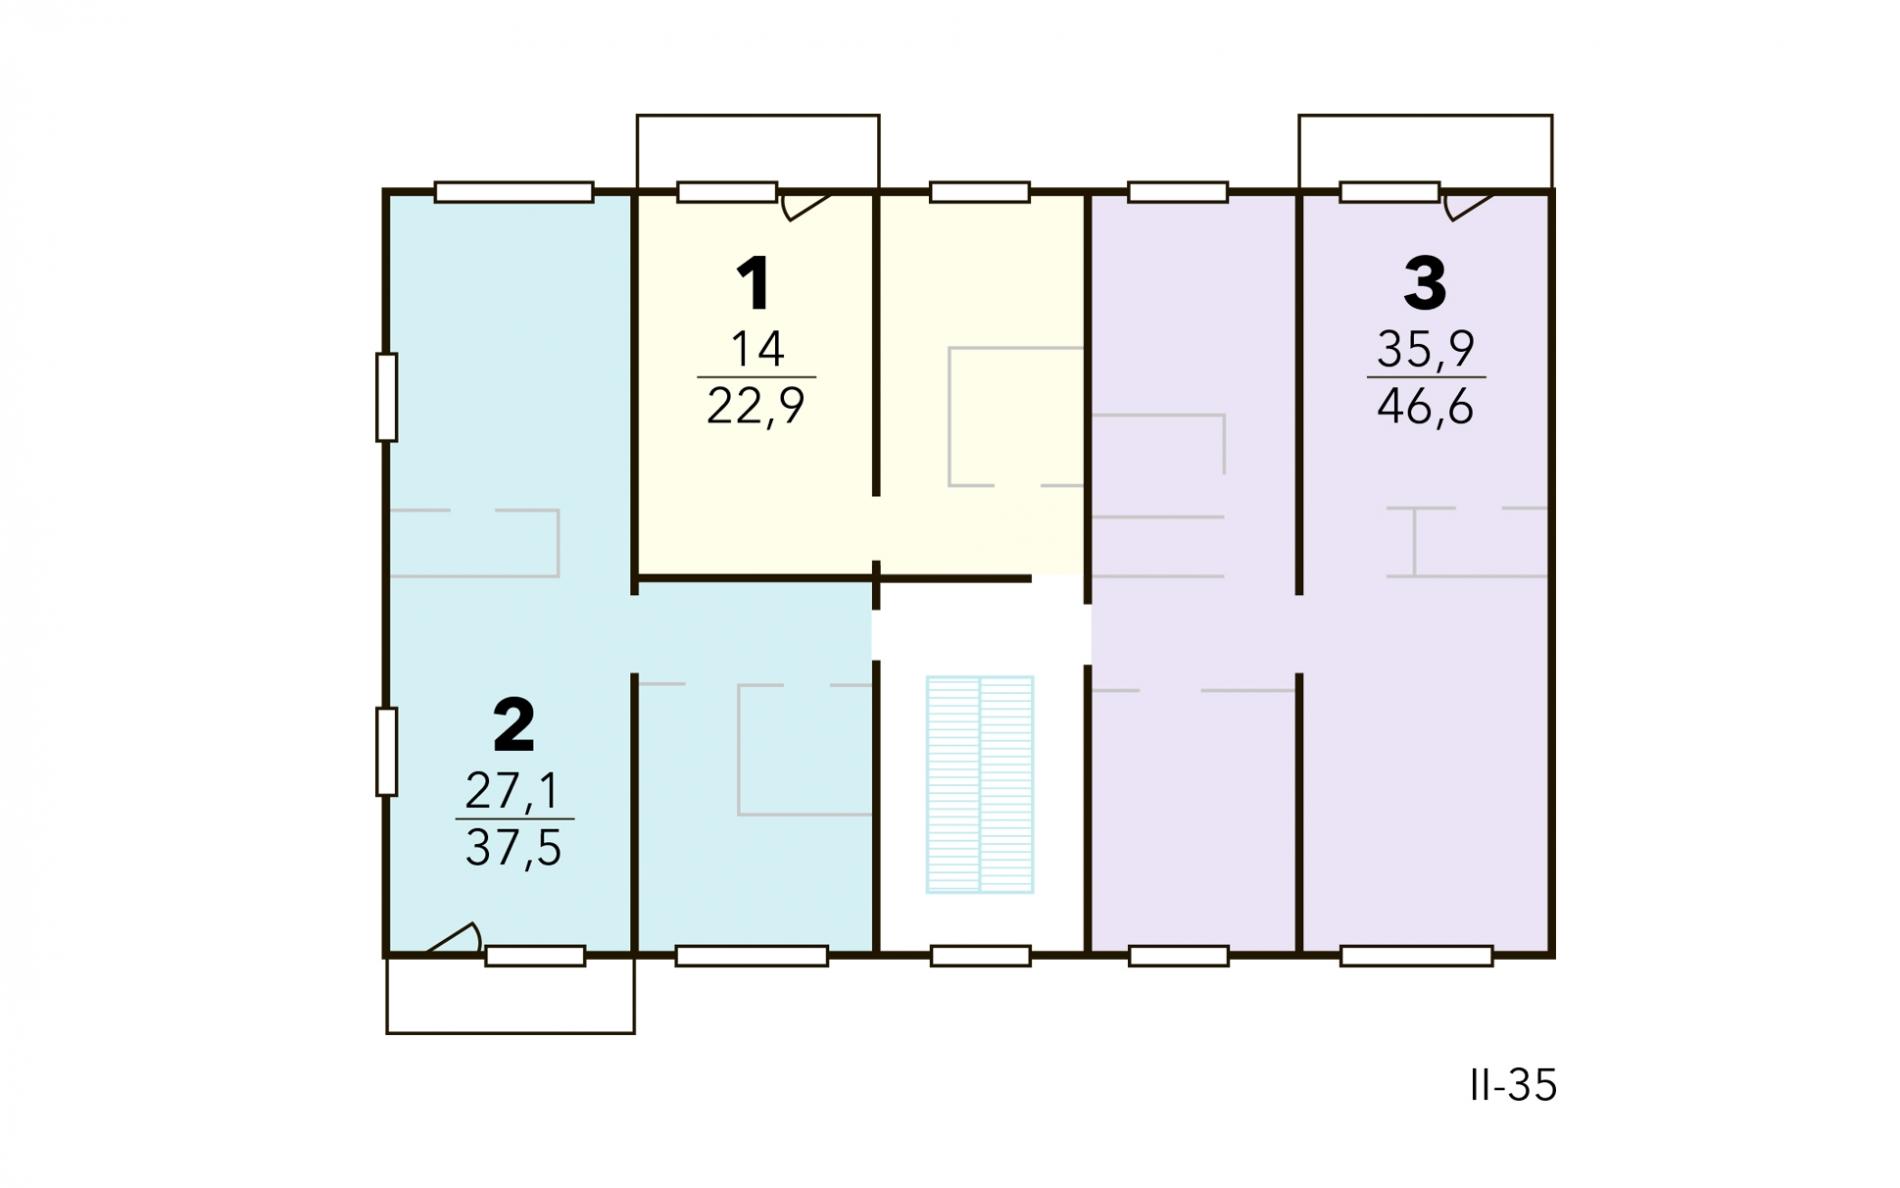 Серия дома II-35